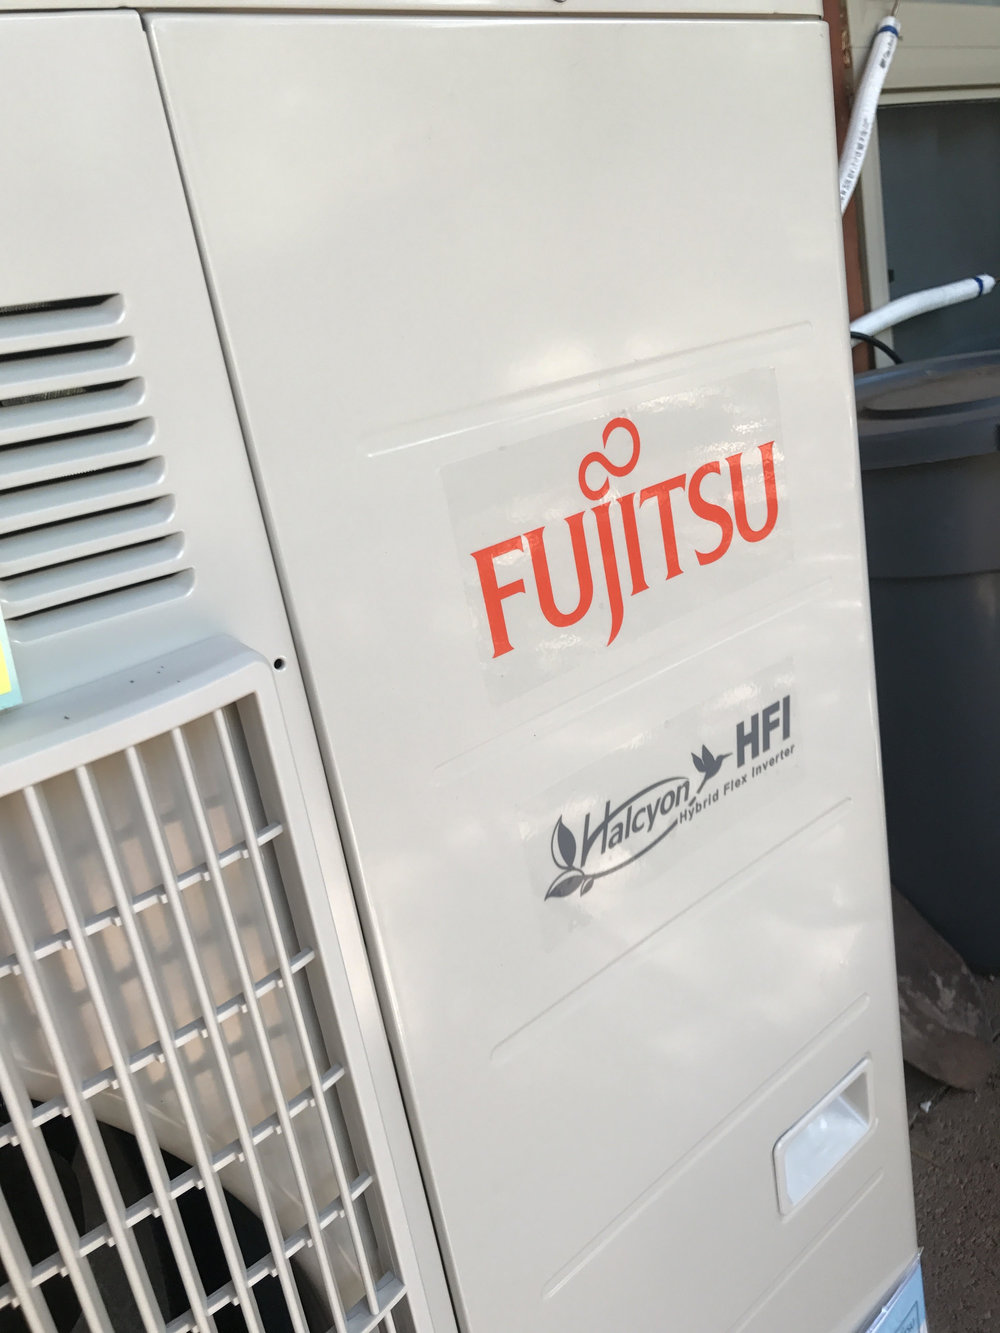 Why Fujitsu?